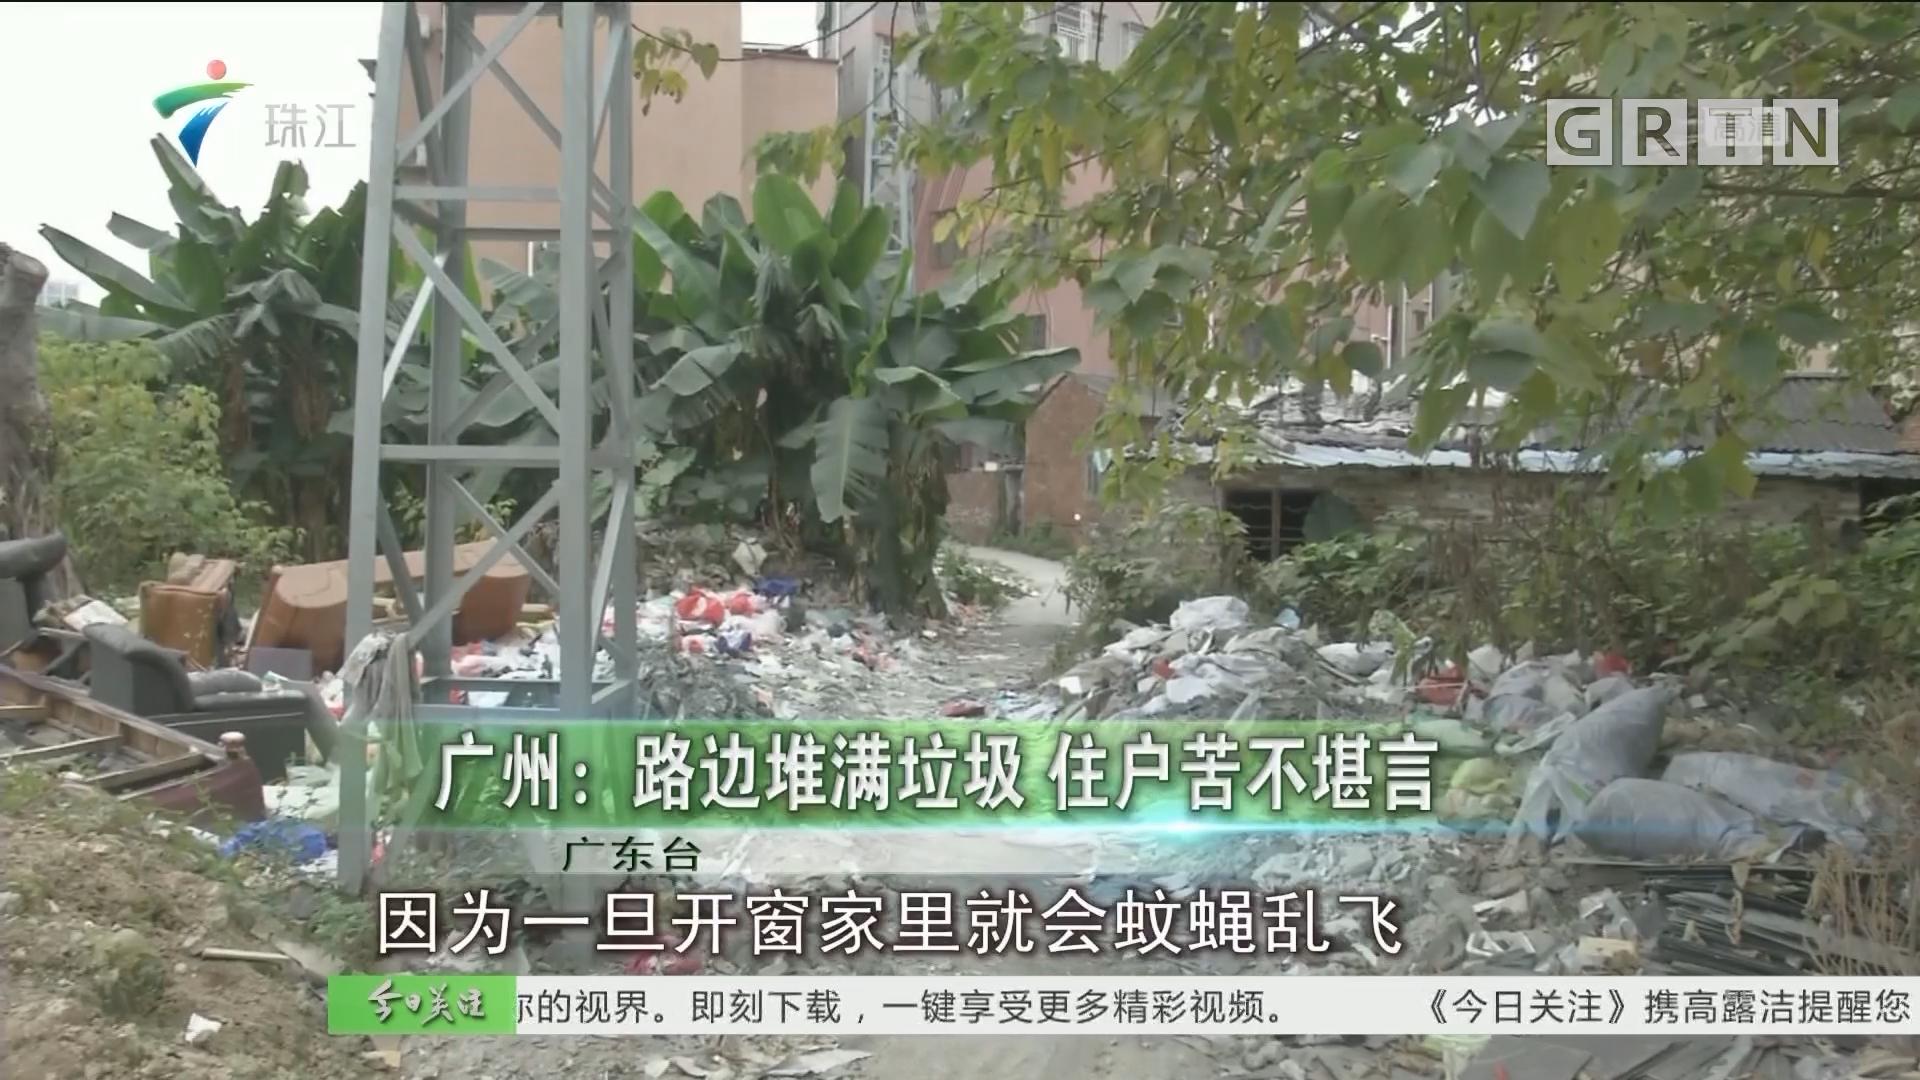 广州:路边堆满垃圾 住户苦不堪言